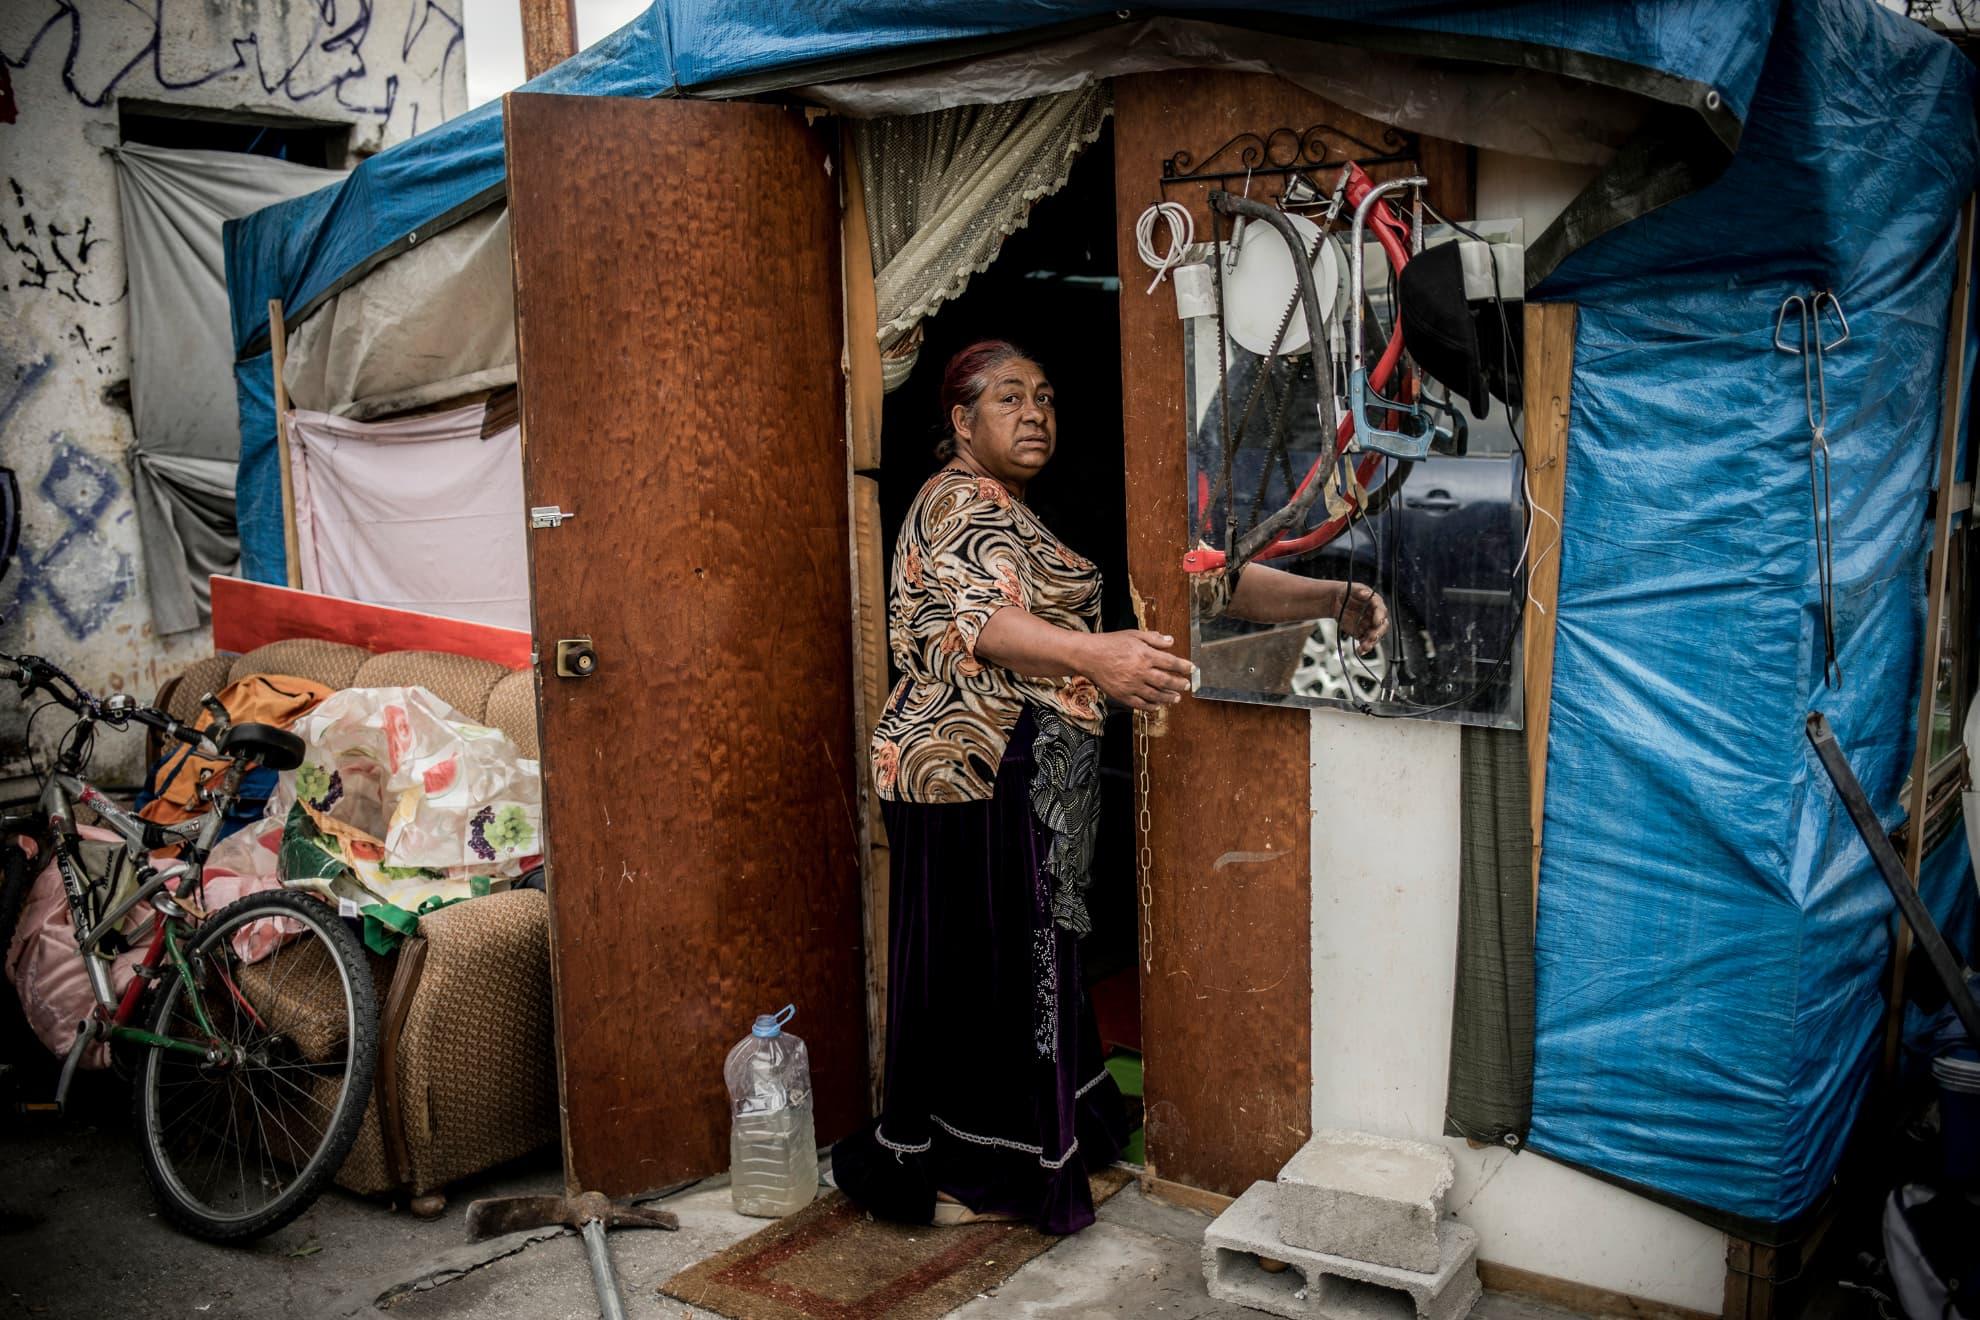 Felicia Vanjo es de Rumania y tiene 55 años. En estos días de estado de alarma le impide salir a recoger chatarra o mendigar, por lo que no puede obtener comida o la medicación que necesita. Vive junto a otras diez personas de Rumania en una chabola precaria en las afueras del barrio de La Chana, en Granada, España. Sin agua ni electricidad. Es viuda desde hace diez años y no tiene soporte familiar. Hoy ha recibido alimentos, máscaras y guantes desechables, así como información sobre cómo prevenir la infección de COVID-19 de la ONG española Médicos del Mundo, Granada, España, el 16 de abril de 2020.